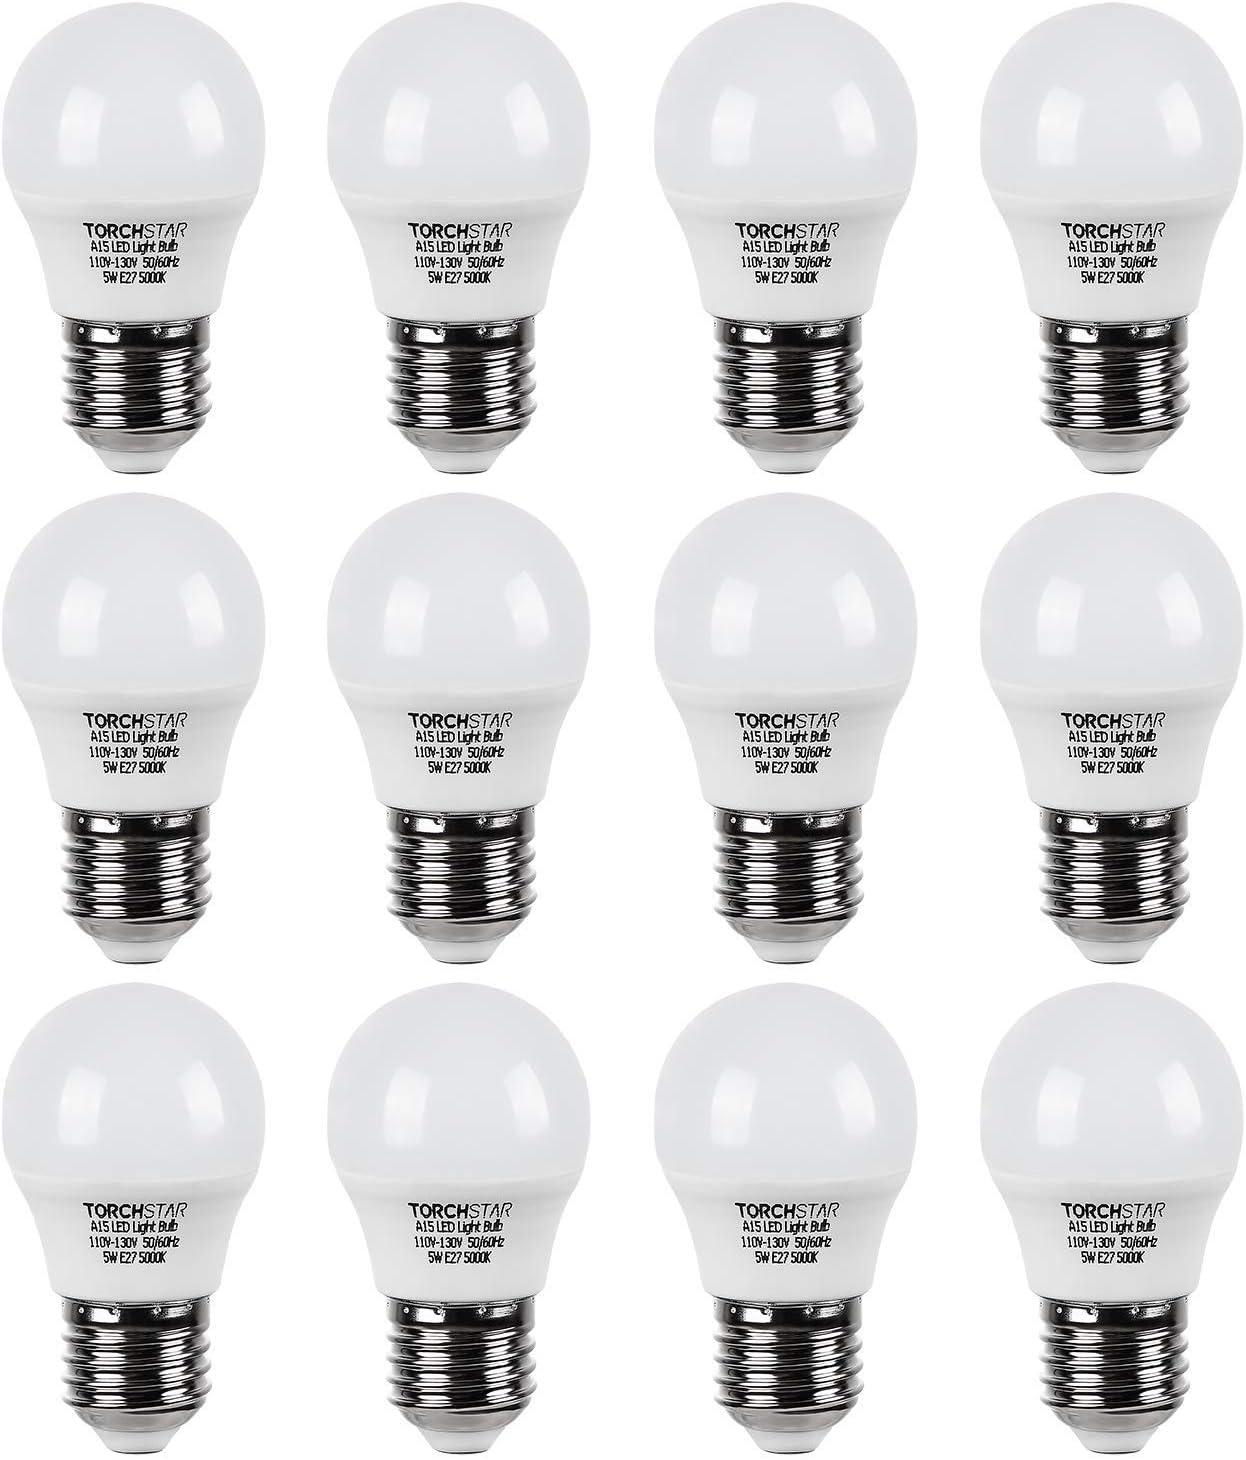 TORCHSTAR 12-Pack A15 LED Fridge Light Bulb, 5W (40W Eqv.), UL-Listed, E26/E27 Base, Omni Directional, 450lm, for Freezer, Desk Lamp, Range Hoods, 5000K Daylight